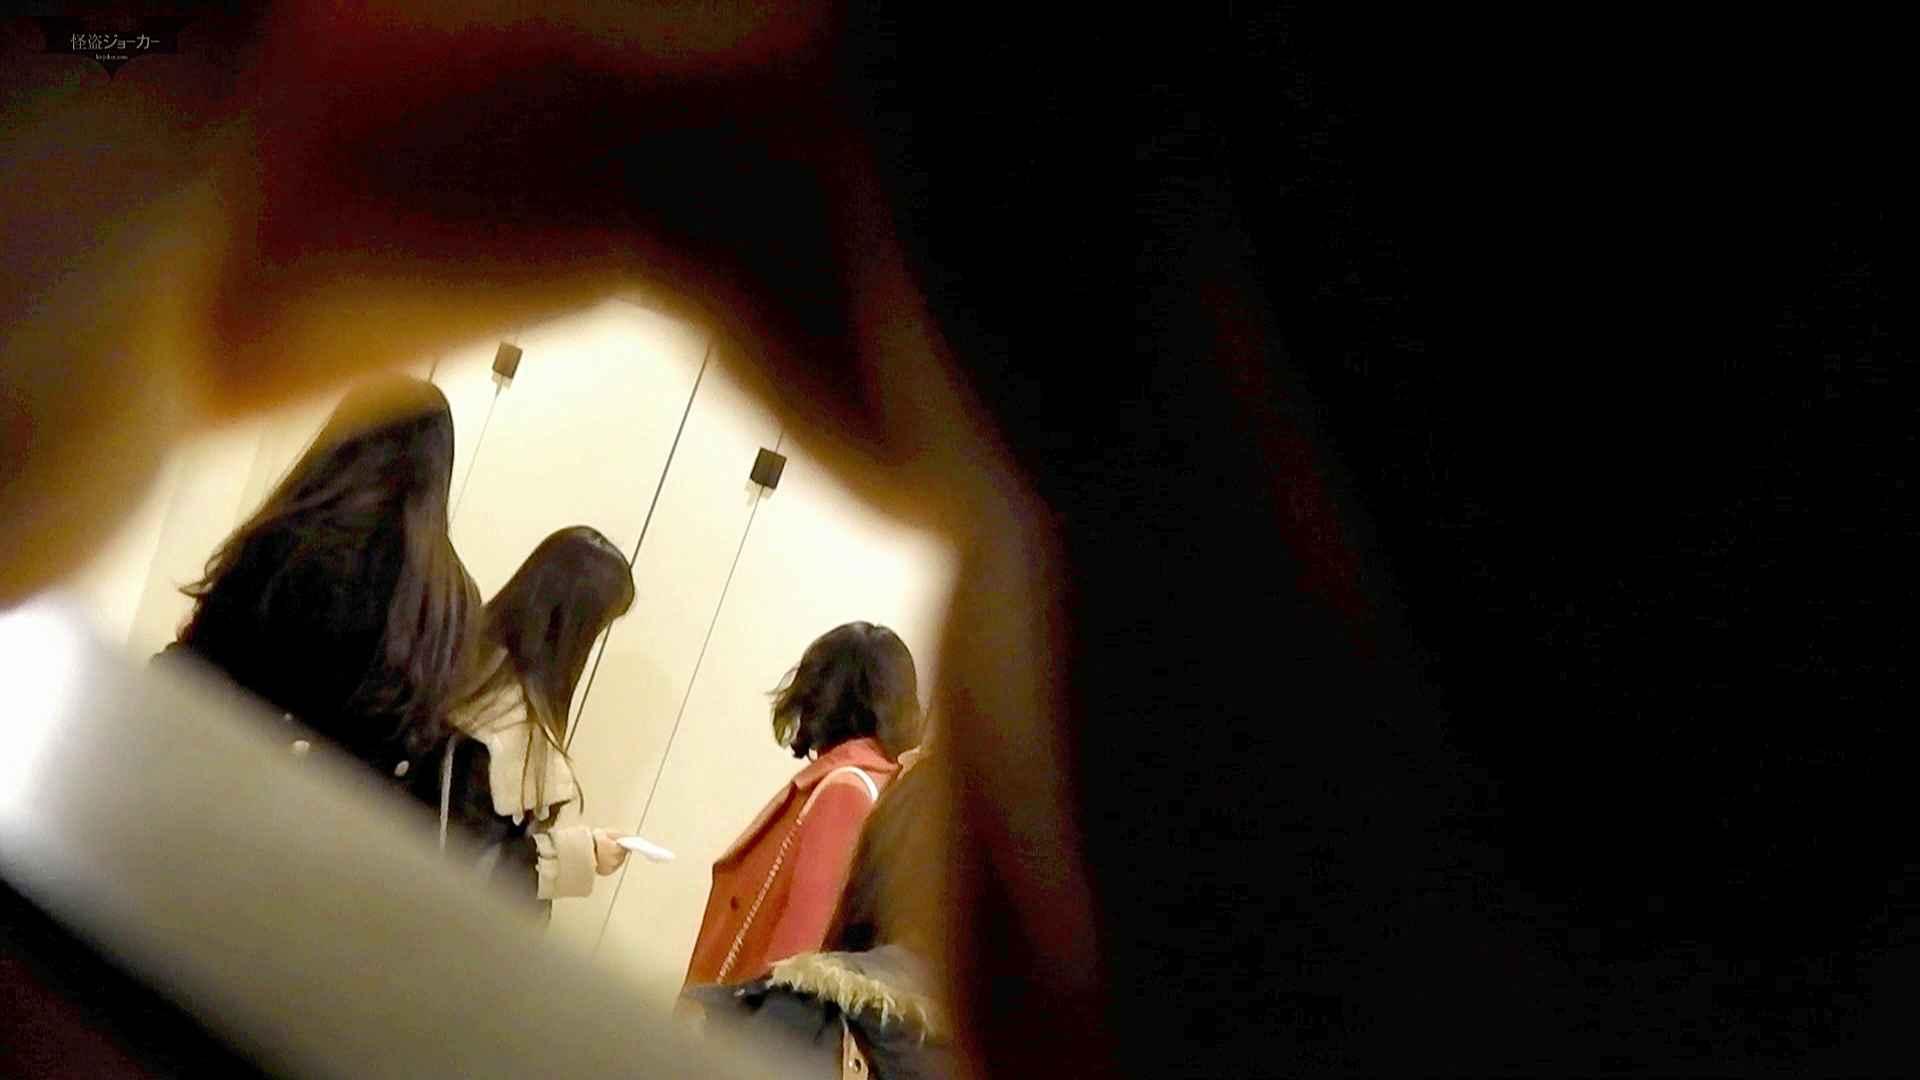 新世界の射窓 No71 久しぶり、可愛い三人組全部晒しちゃいます。 ギャルズ 戯れ無修正画像 80画像 67